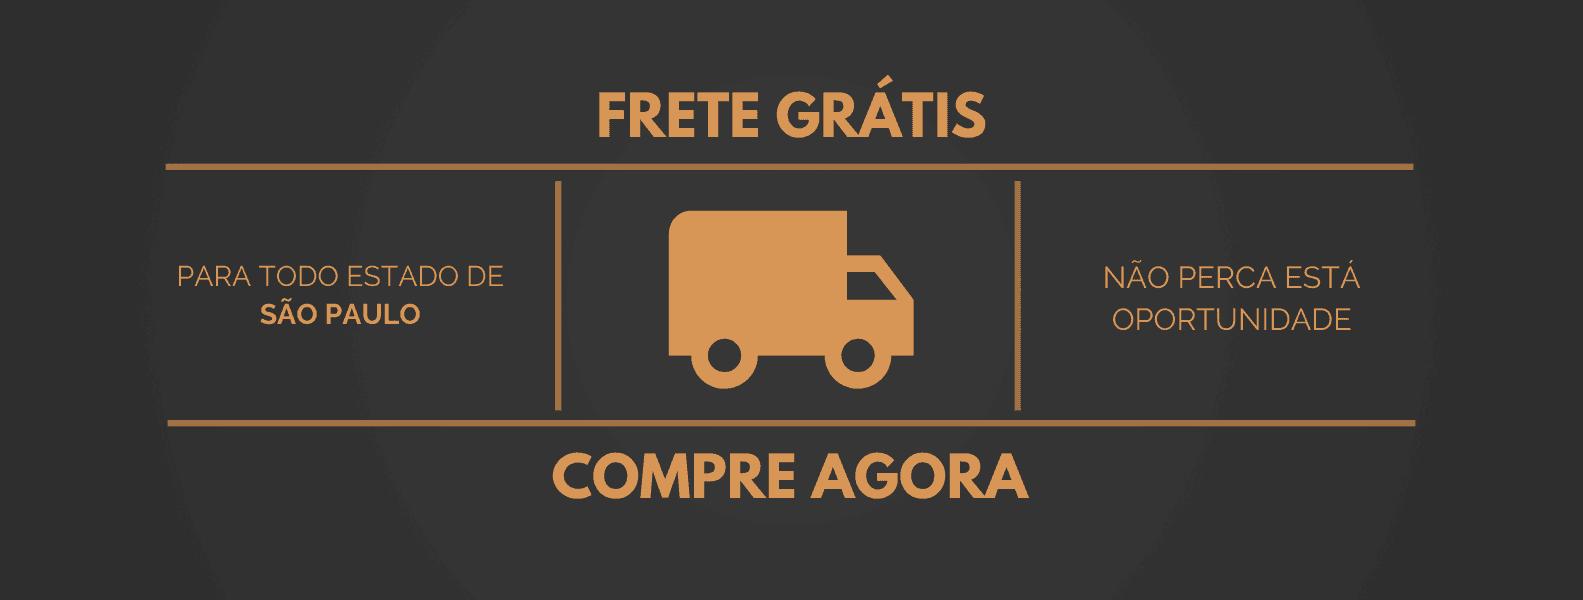 Frete Grátis Estado de São Paulo - Bernatoni Calçados